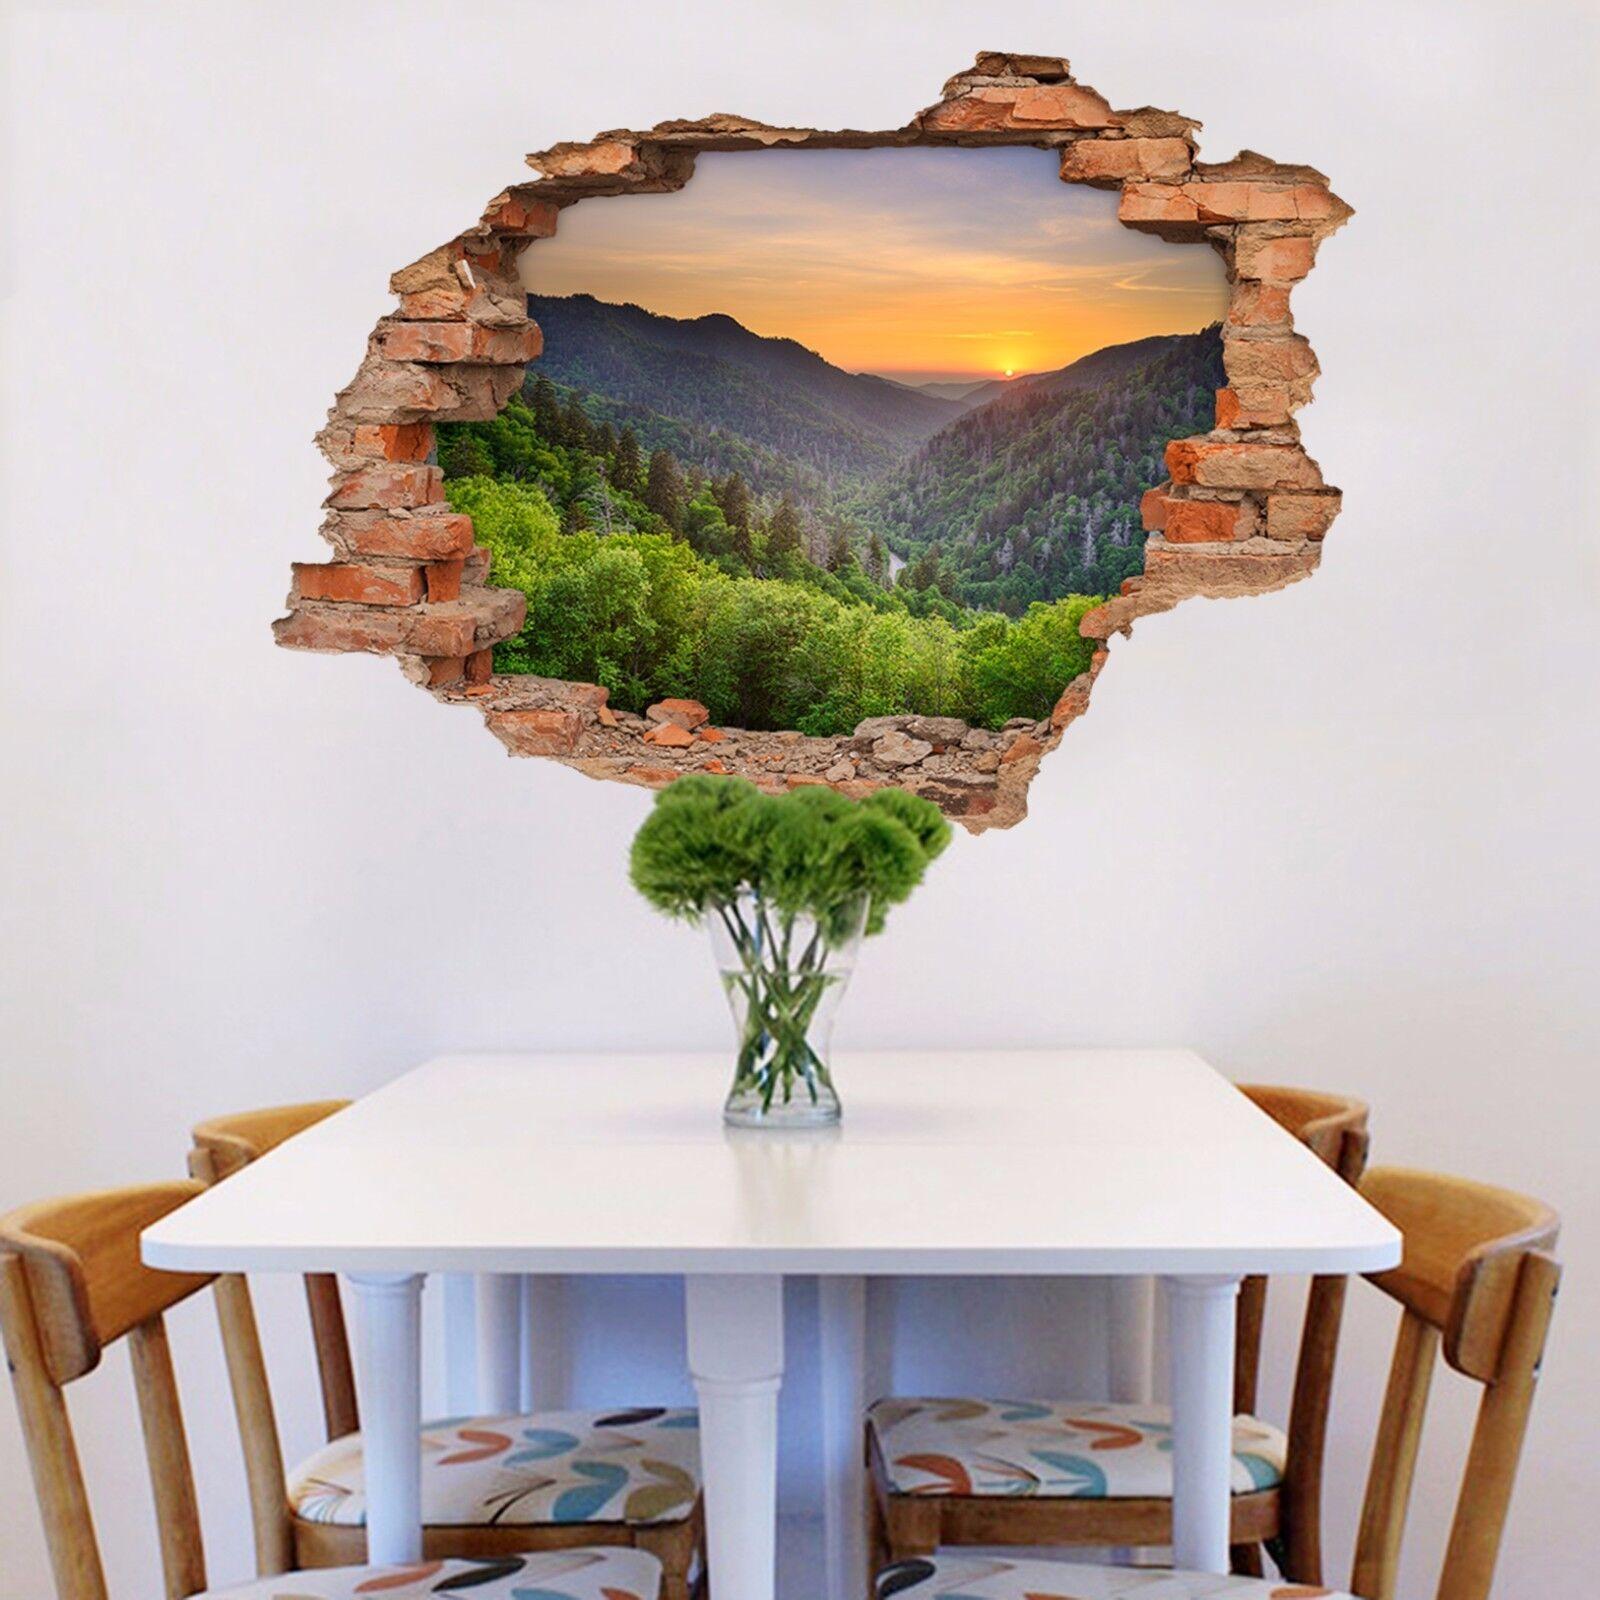 3D Berg Dschungel 8 Mauer Murals Mauer Aufklebe Decal Durchbruch AJ WALLPAPER DE